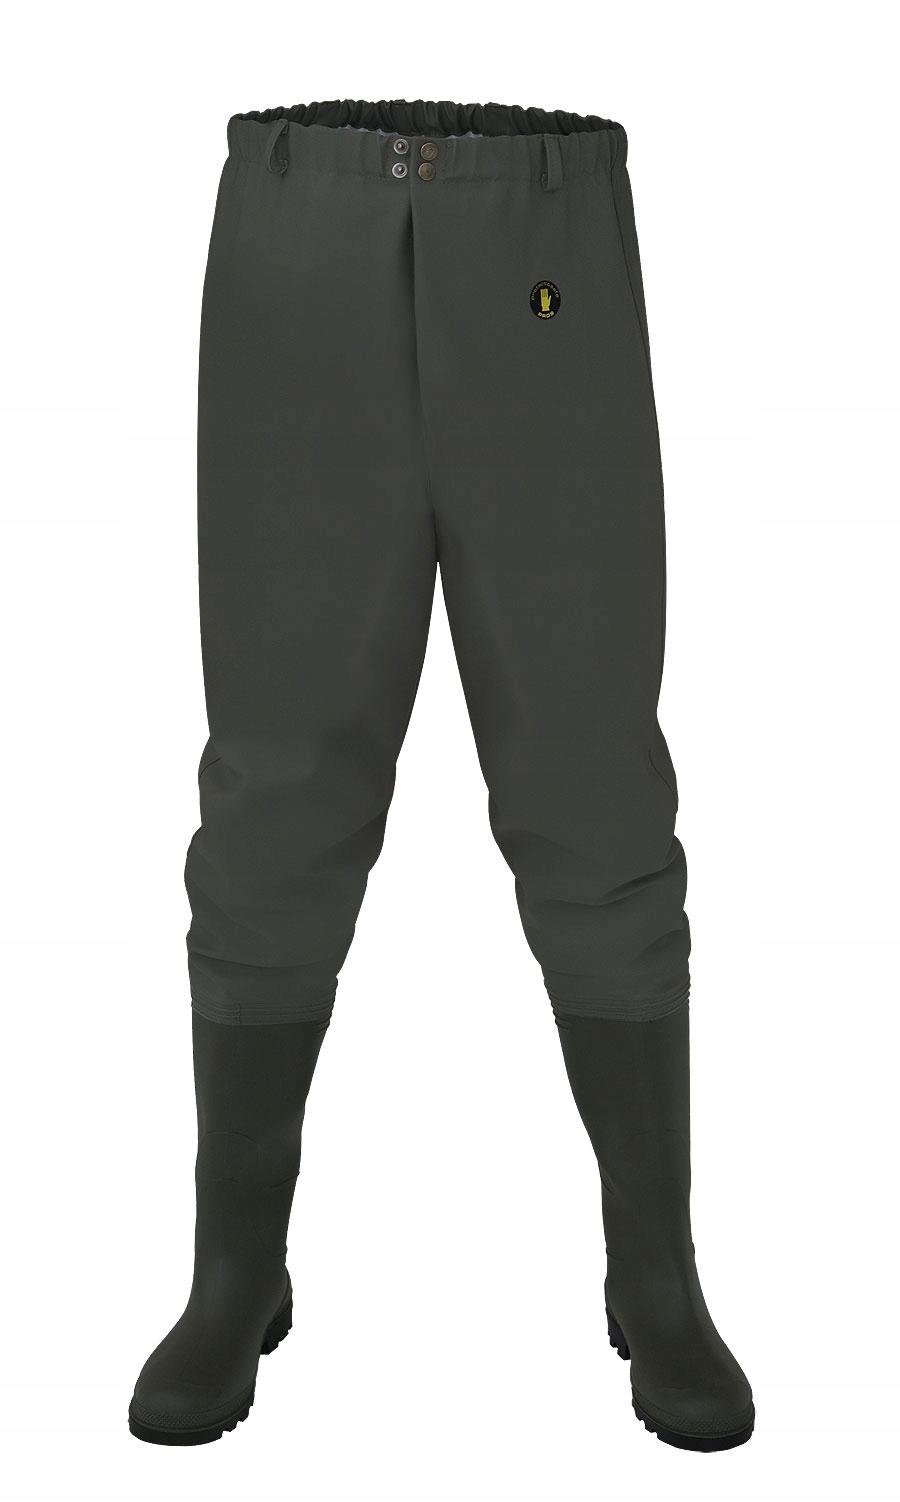 Spodnie Wodery Wędkarskie z wgrzanym kaloszem PROS